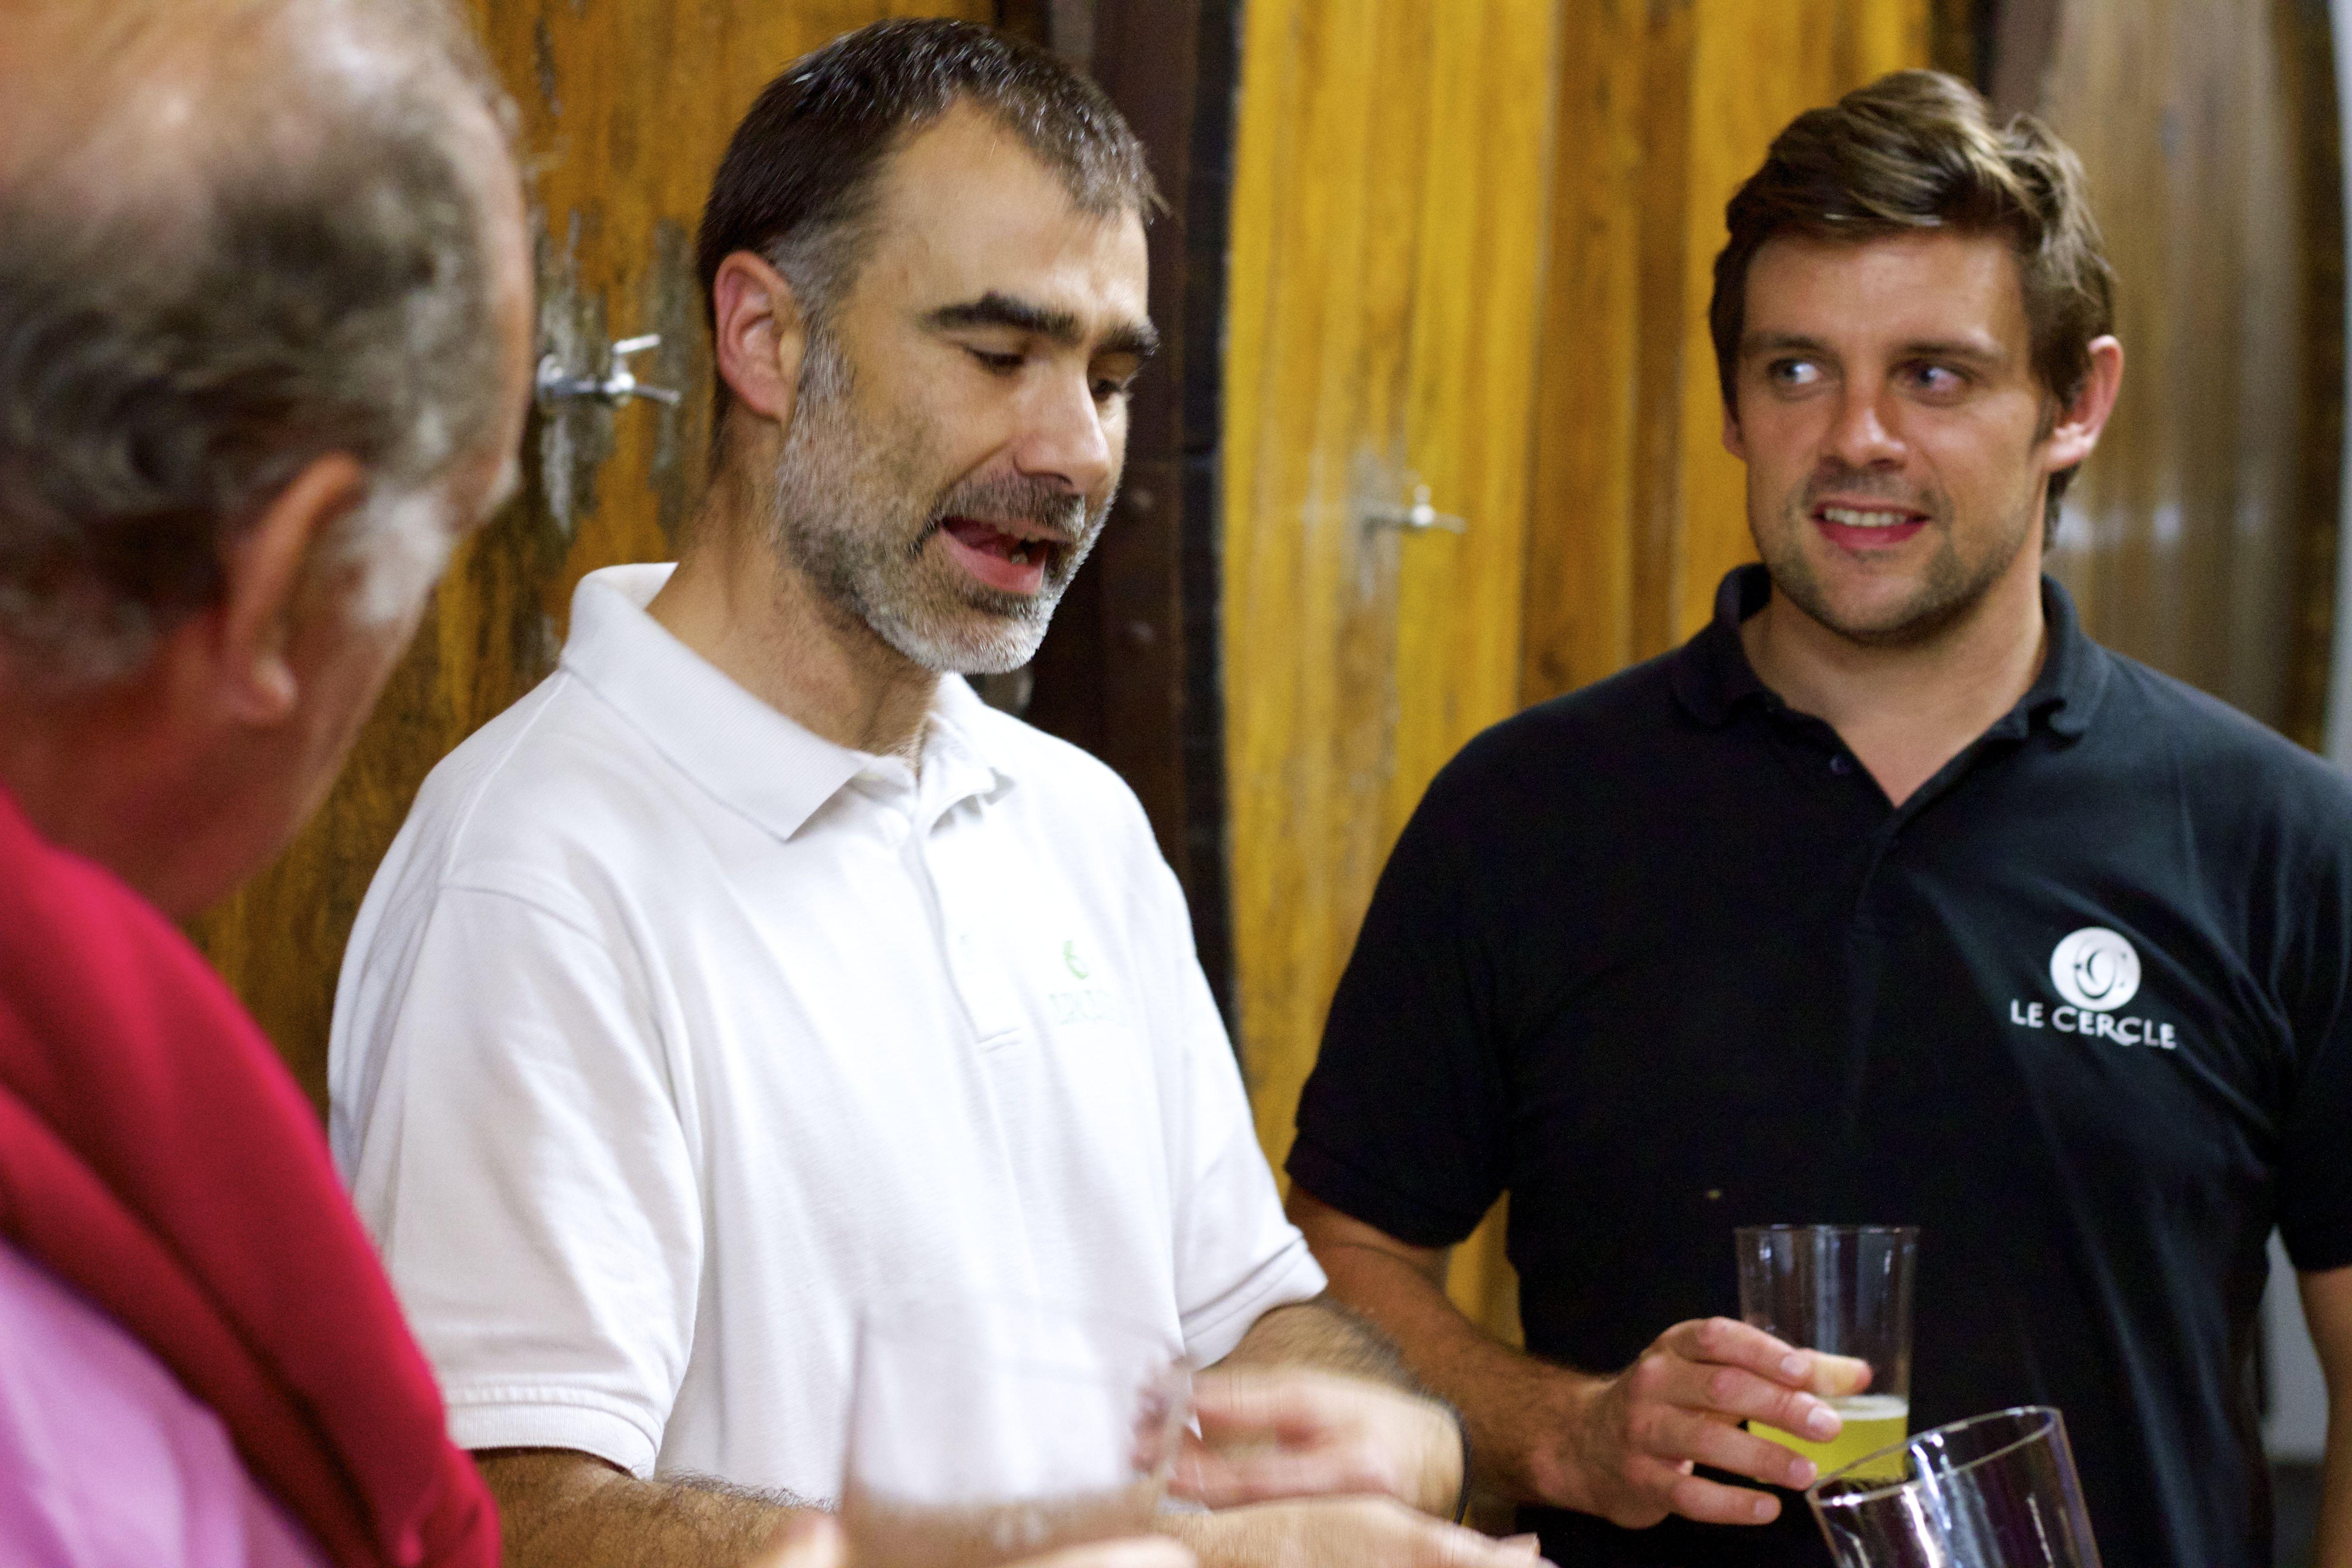 seminaire-cidrerie-sidreria-astigarraga-pays-basque-le-cercle-piment-espelette